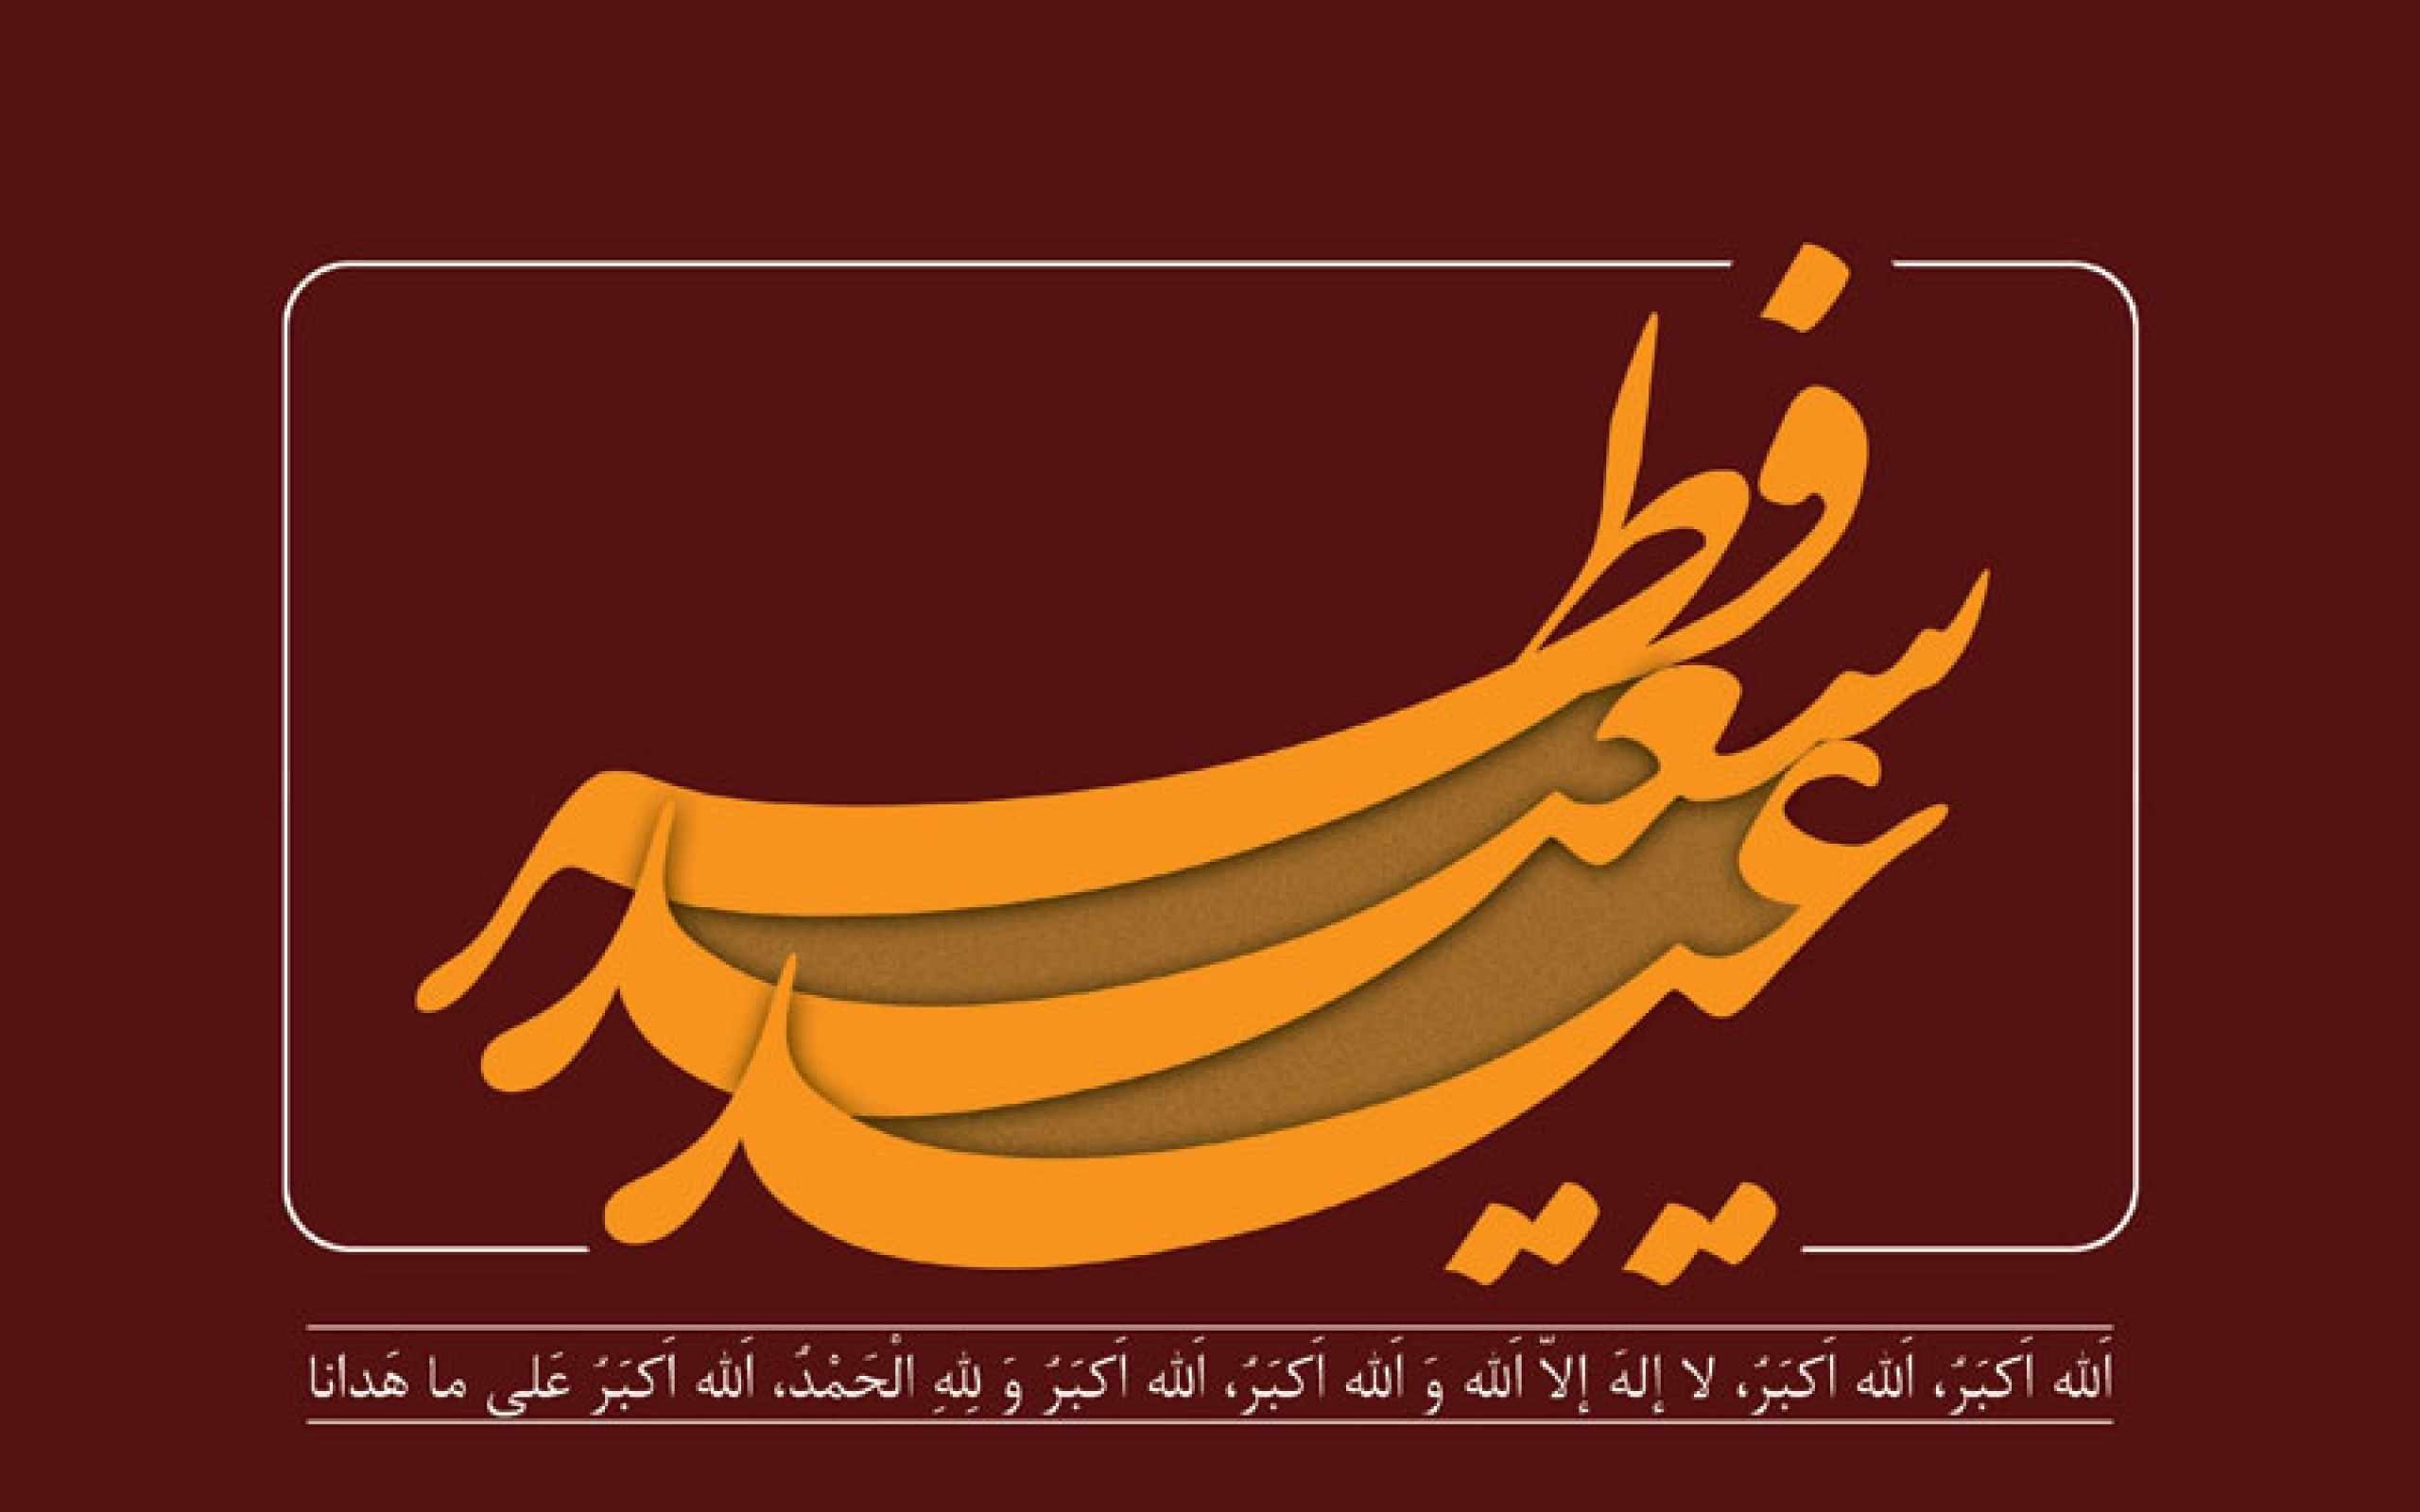 زیباترین کارت پستال تبریک عید سعید فطر